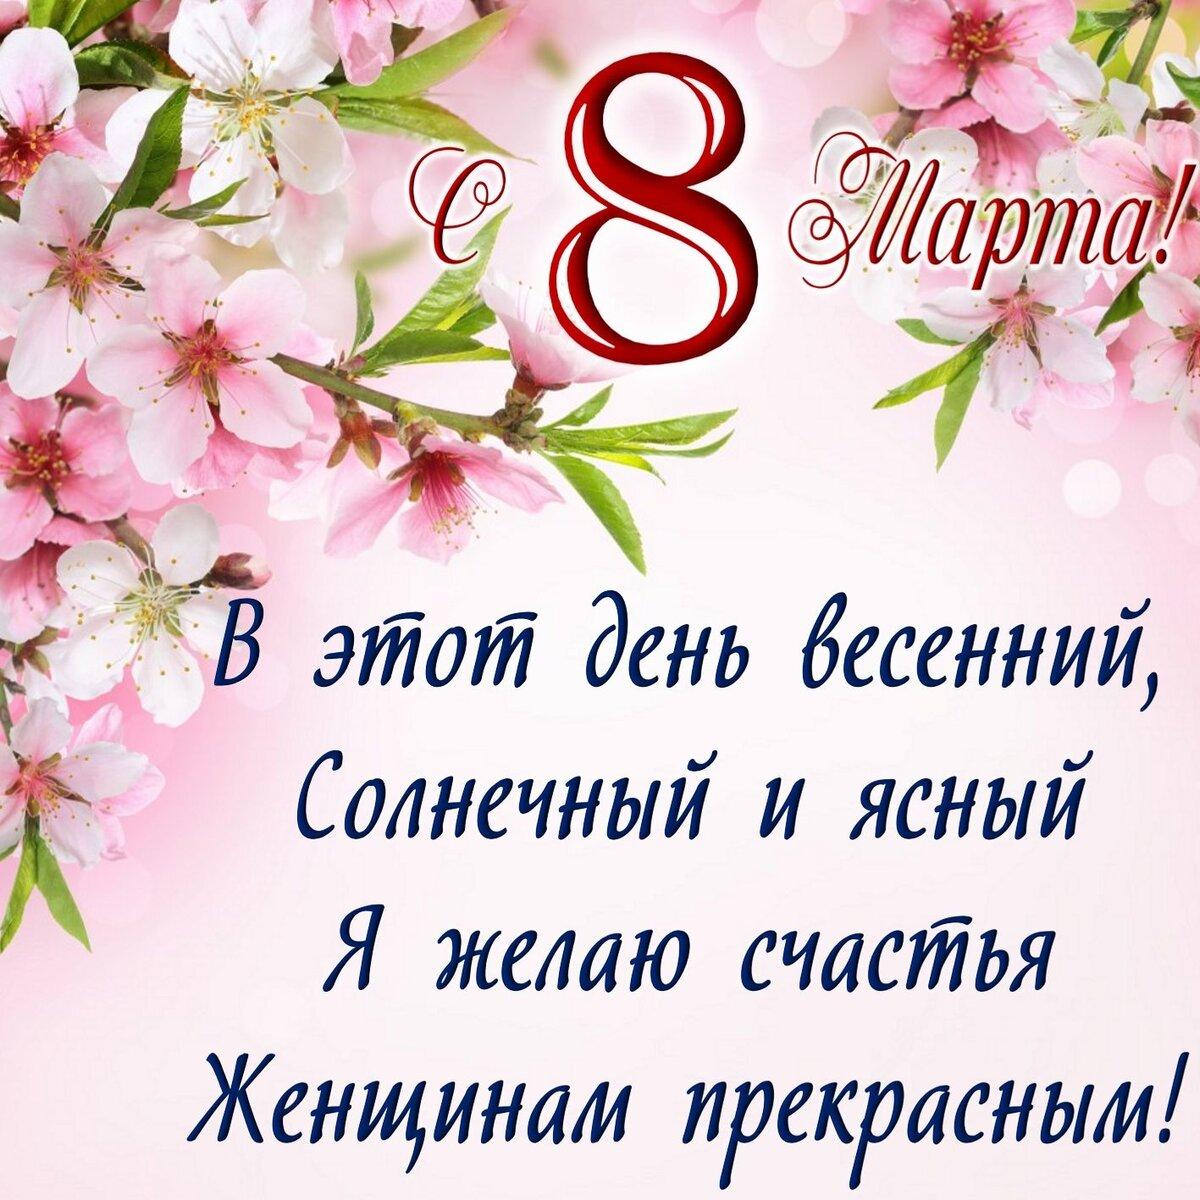 Поздравление с 8 марта в стихах всем девушкам